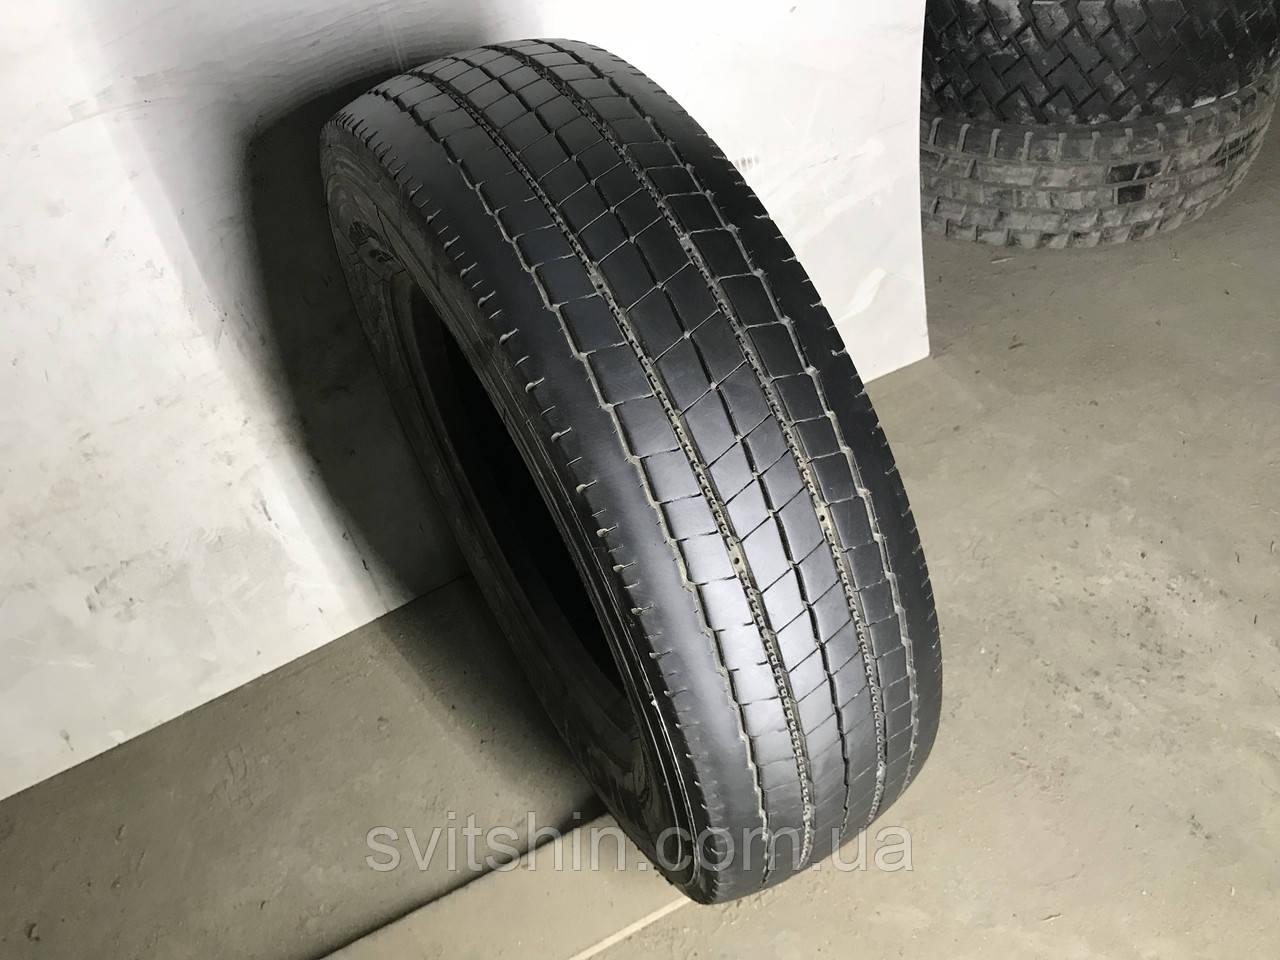 Шина бо 215/75R17.5 Michelin X (XZE1) 1шт 8мм